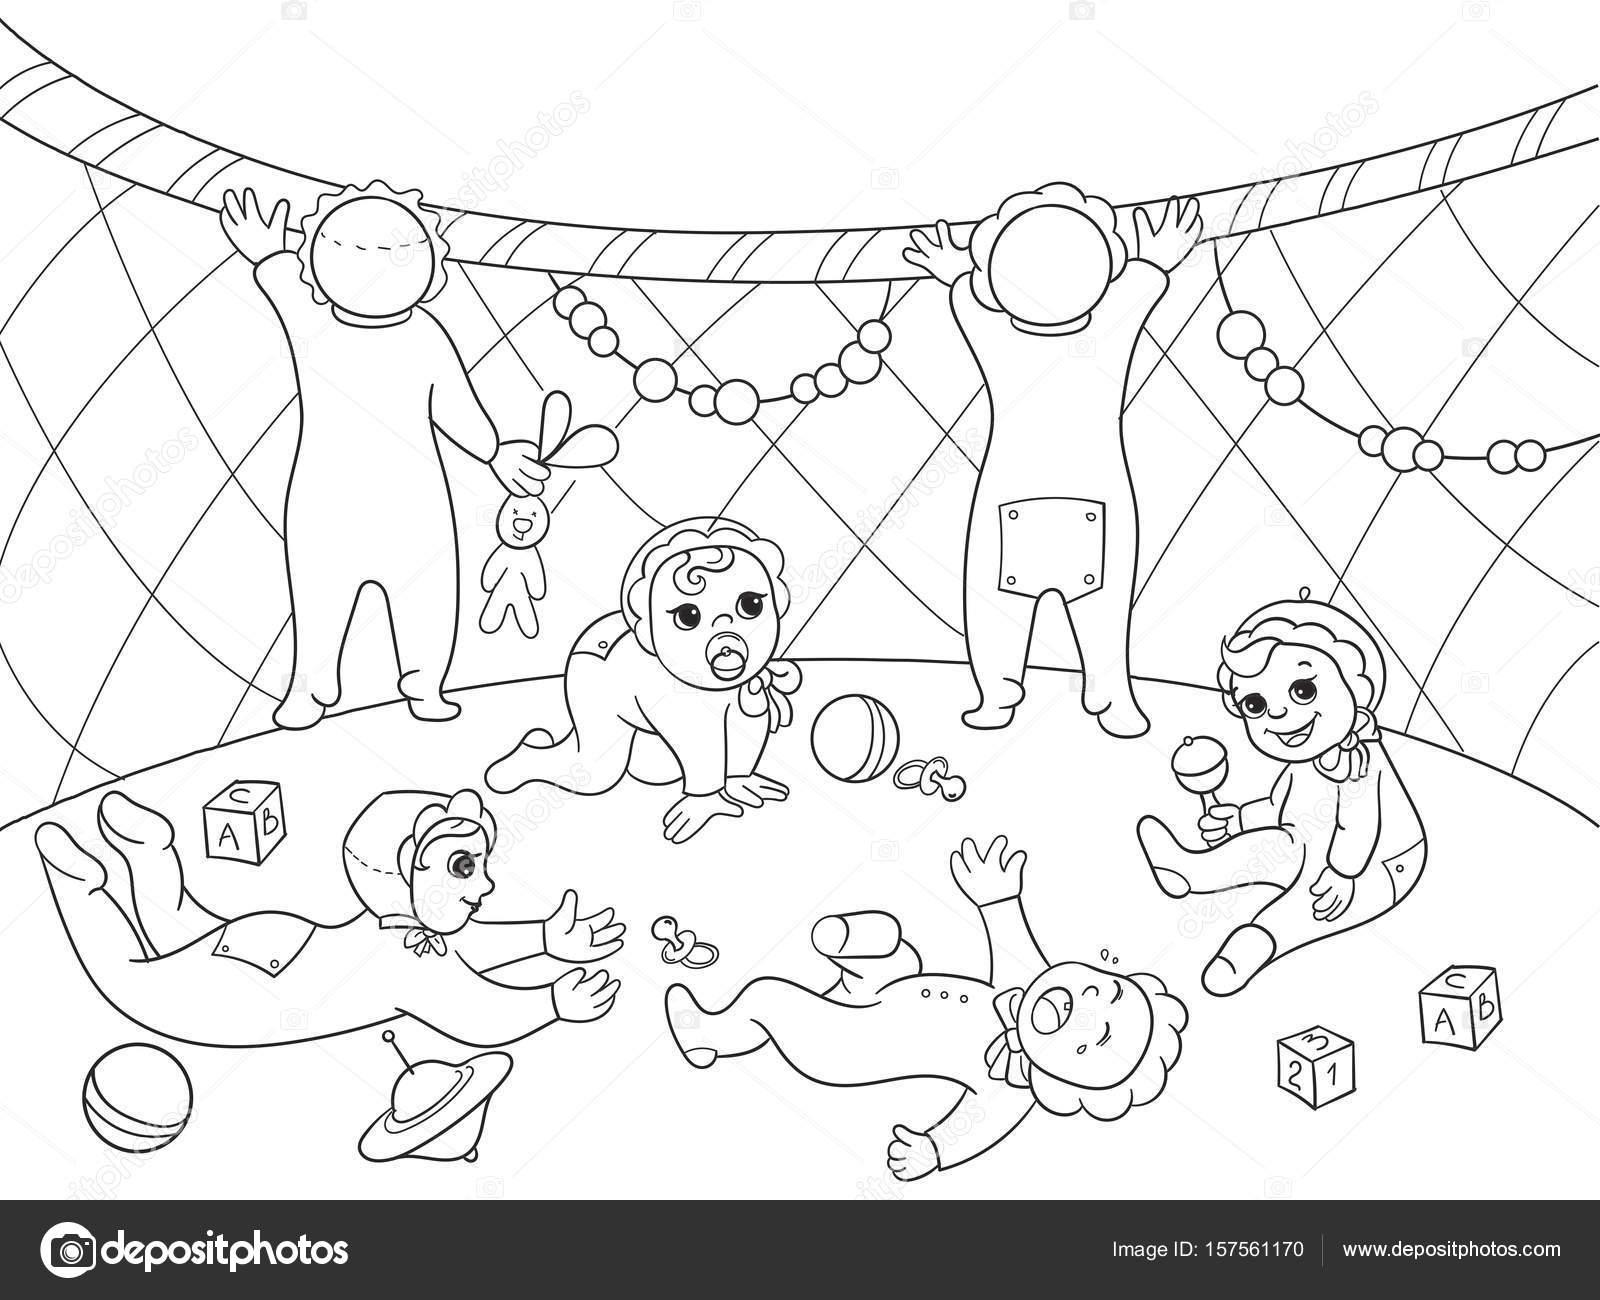 Jardín de la infancia libro de colorear para niños dibujos animados ...